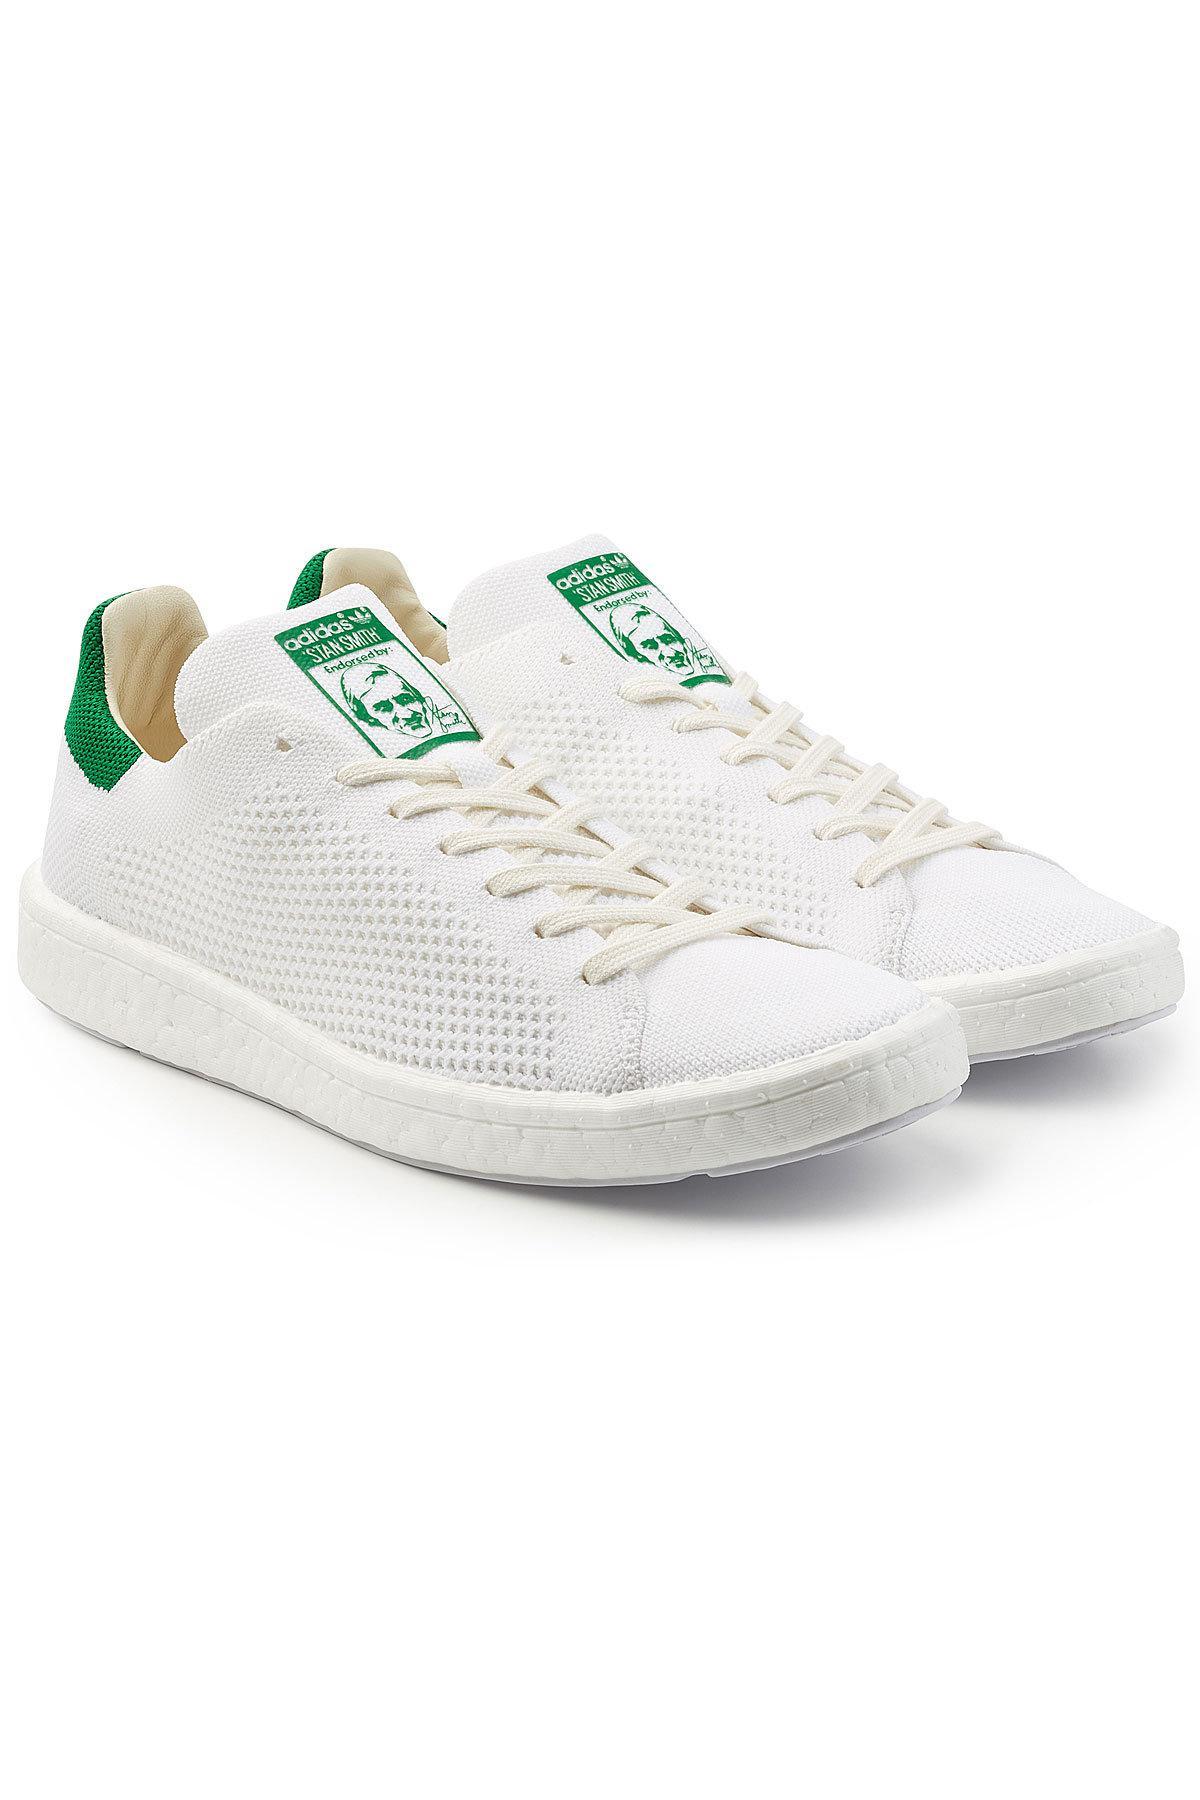 lyst adidas originali stan smith primeknit impulso scarpe per gli uomini.